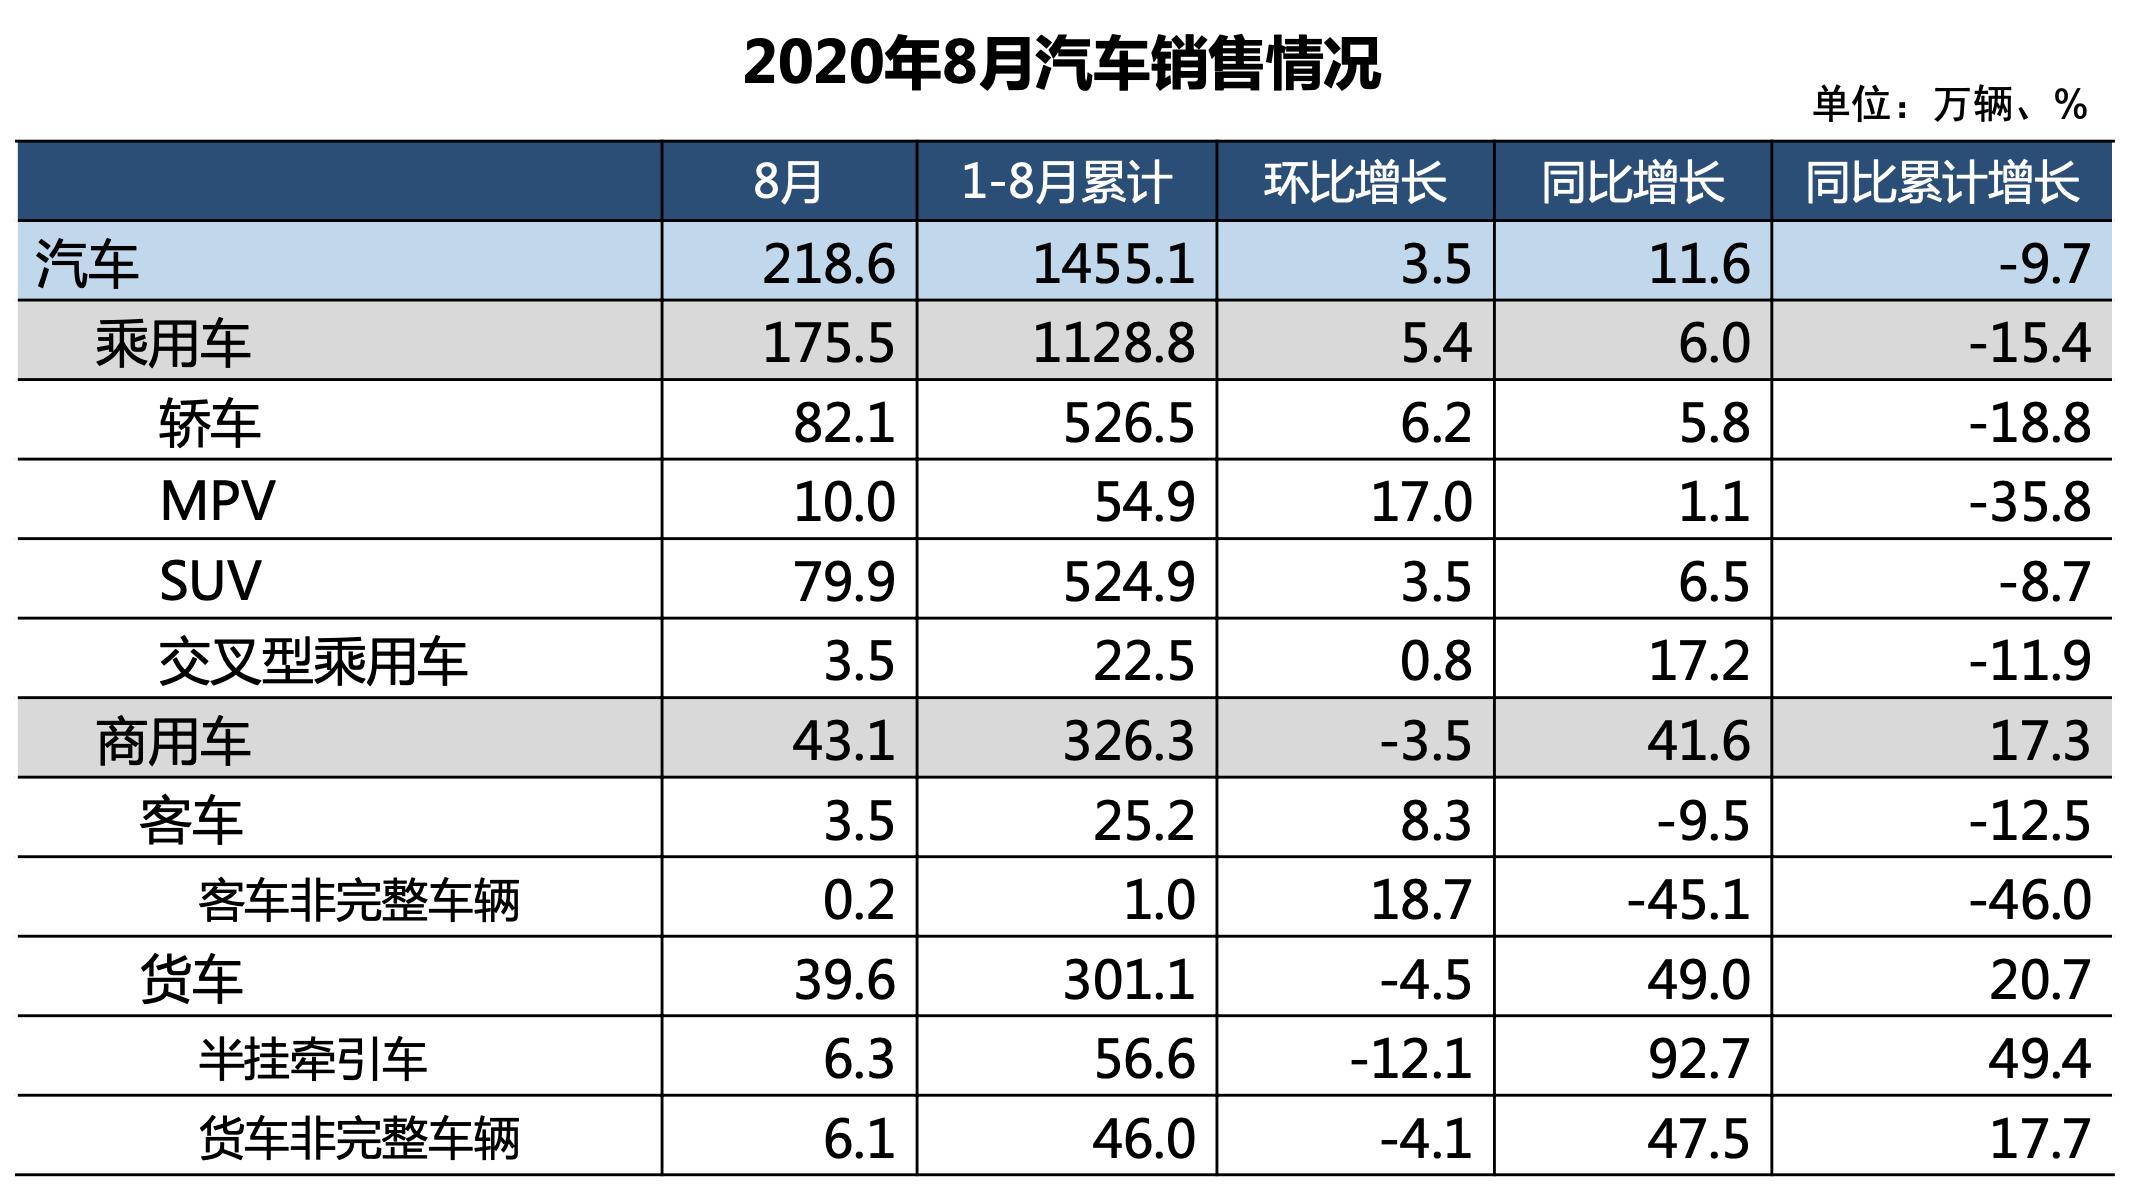 中汽协:8月汽车销量218.6万辆,新能源车产销刷新8月历史纪录